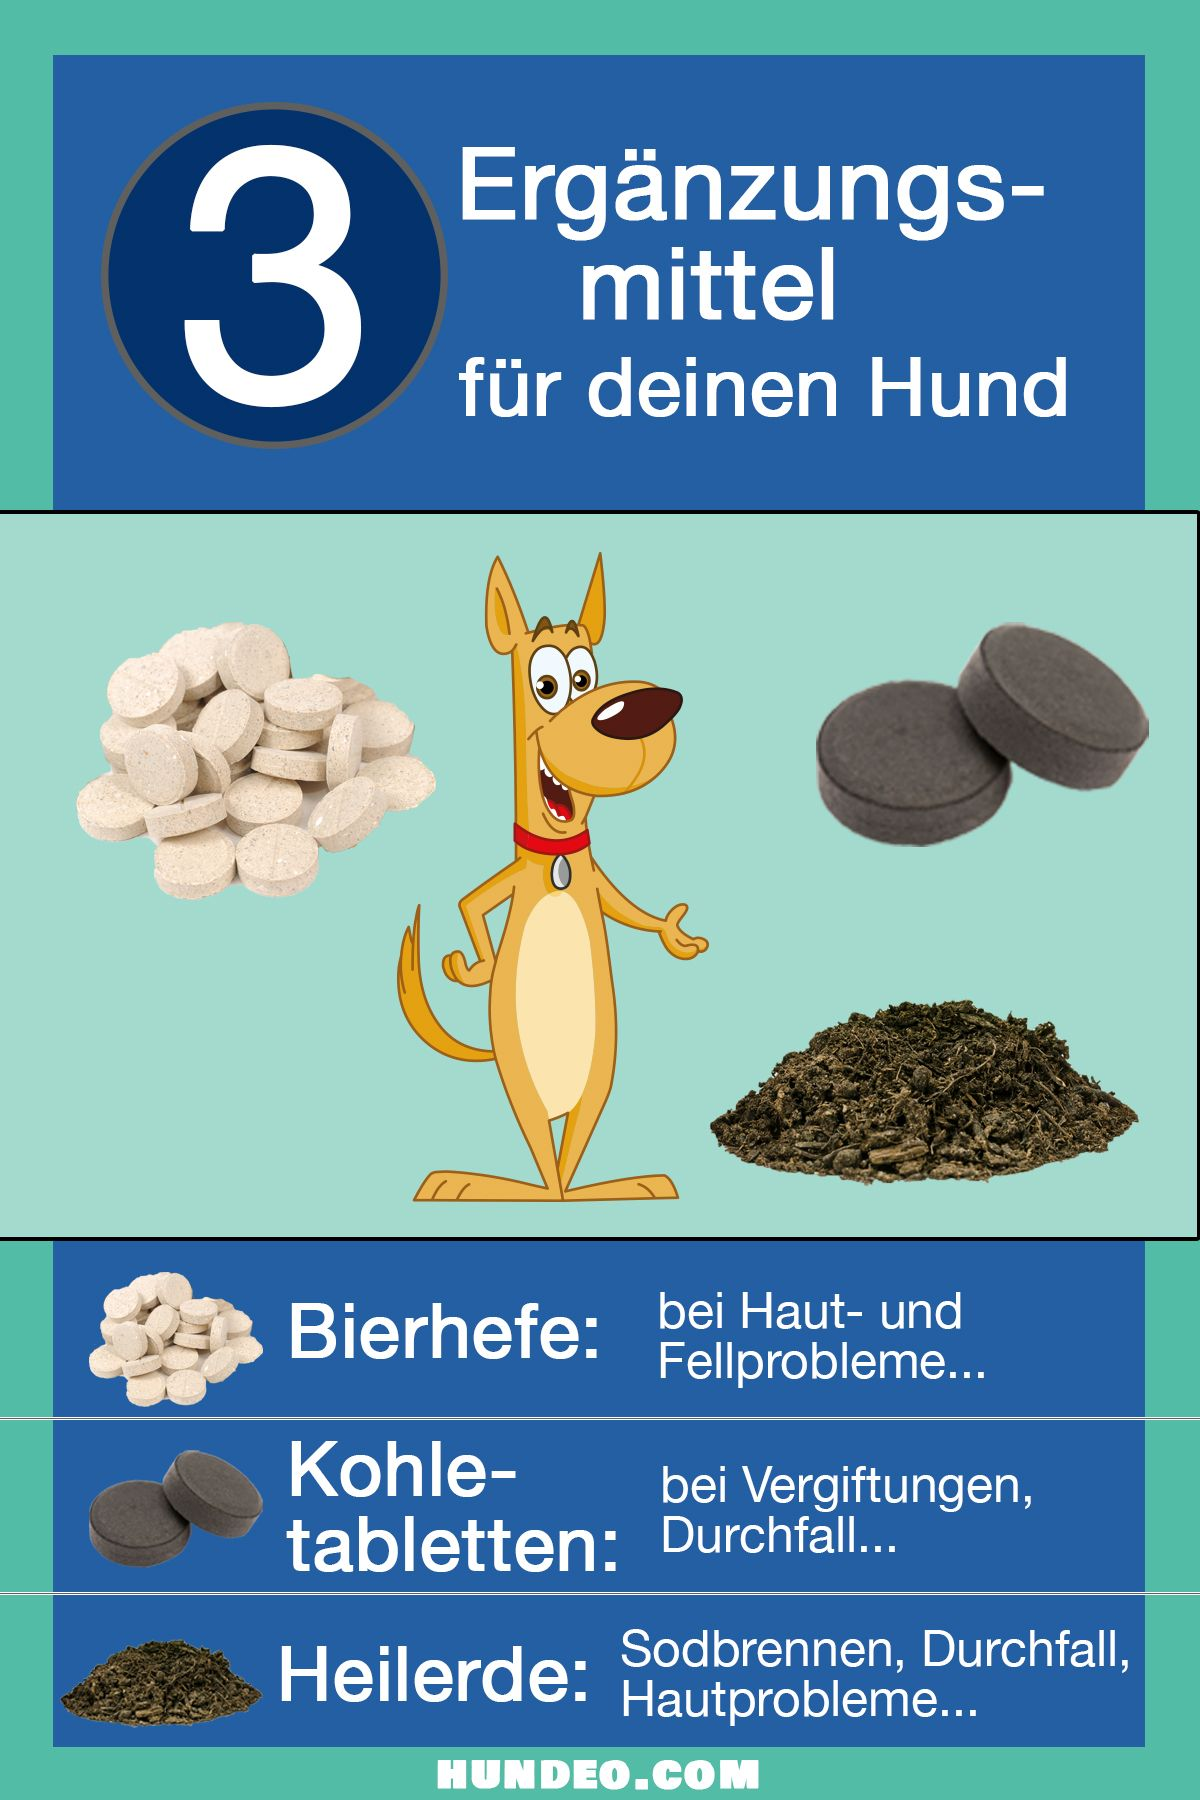 5 Fakten Zu Heilerde Fur Hunde Wofur Es Gut Ist Hunde Ernahrung Heilerde Fur Hunde Hunde Kekse Rezept